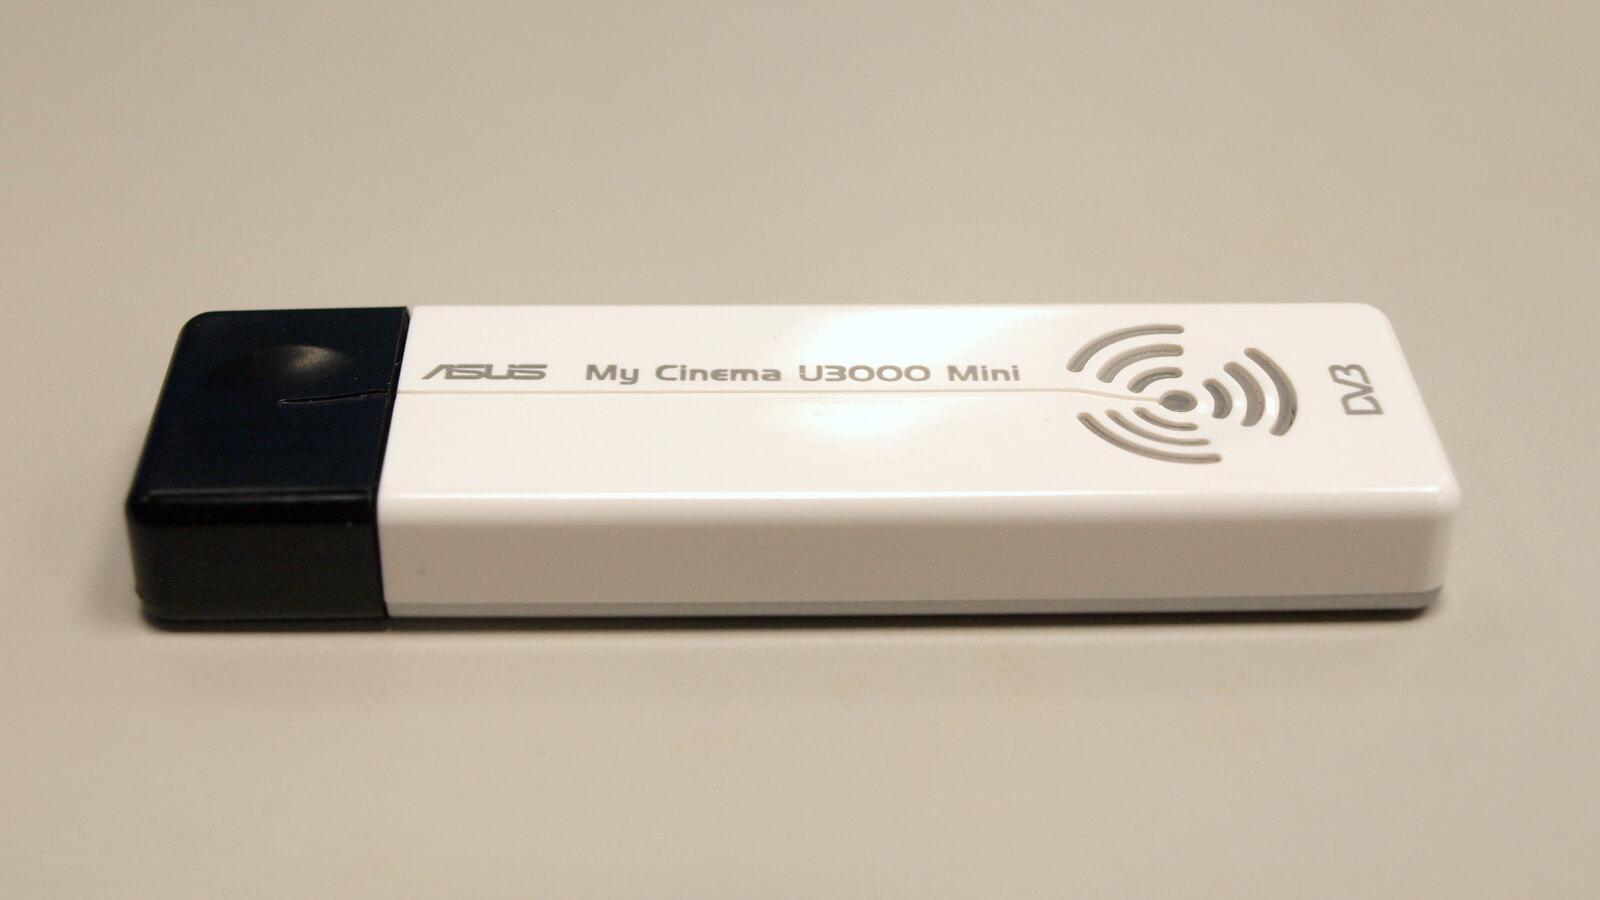 ASUS My Cinema U3000 Mini DVBT Tuner 數位電視棒